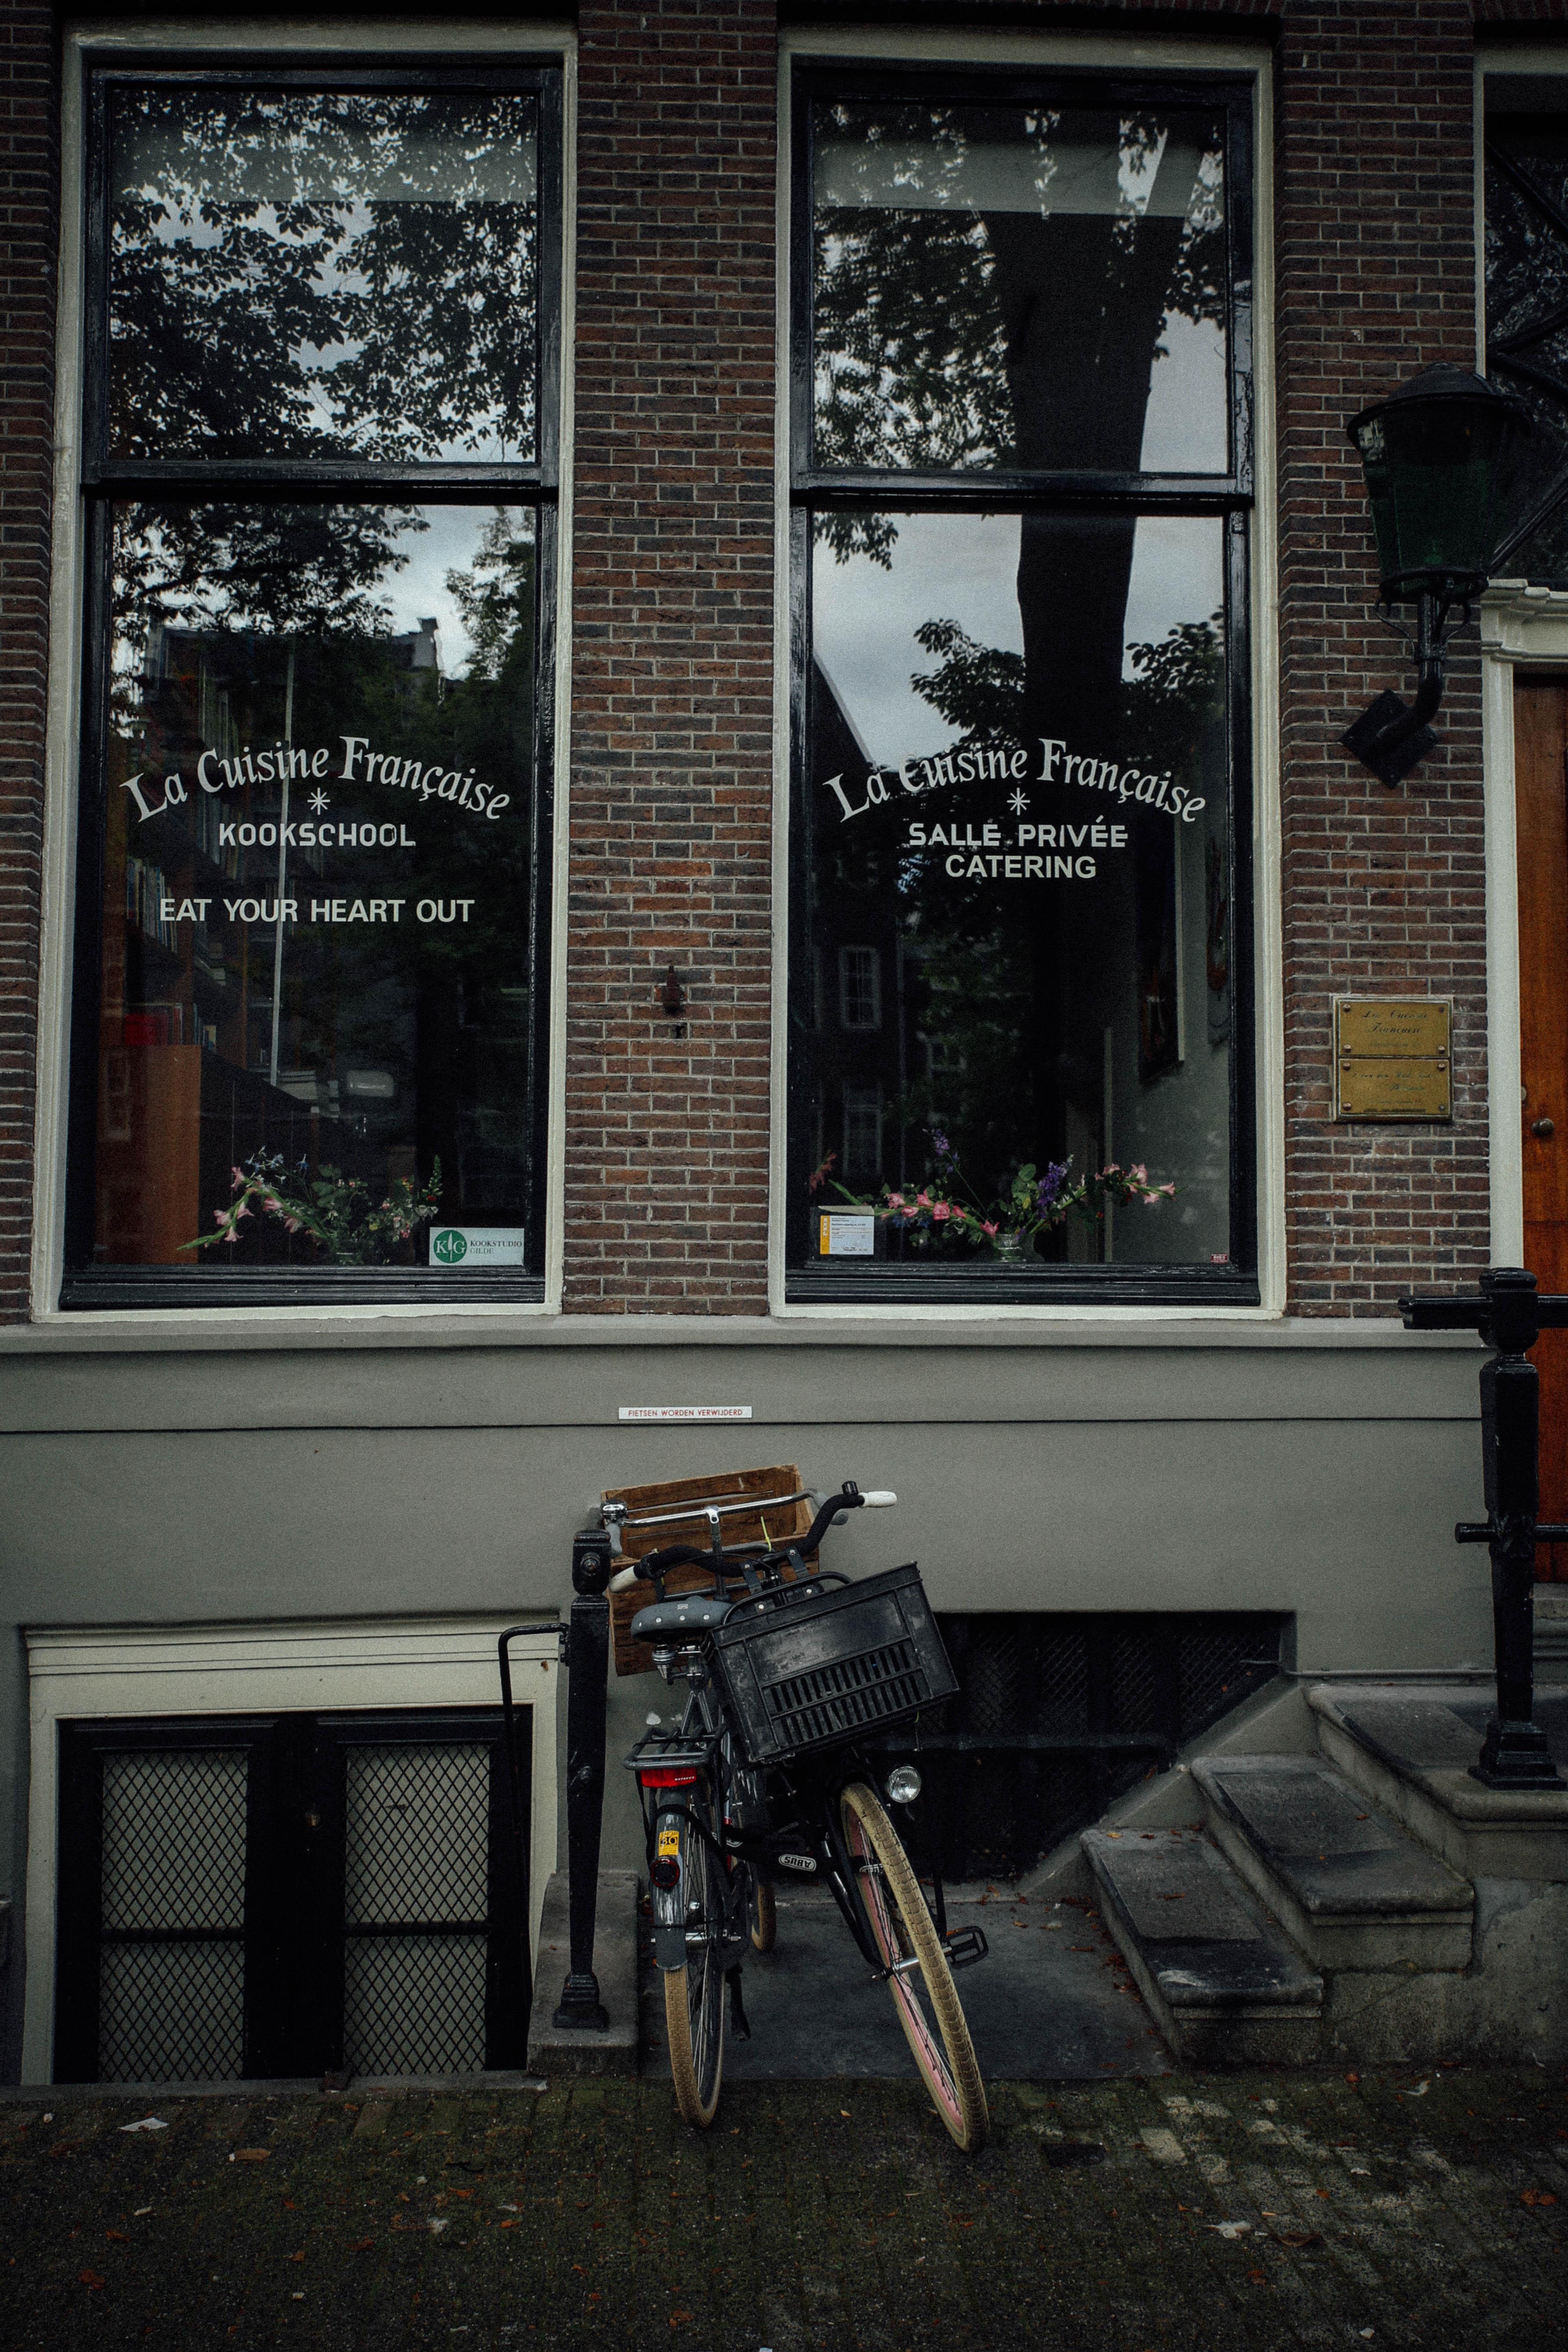 megandcook-voyage-amsterdam-85-1-sur-1